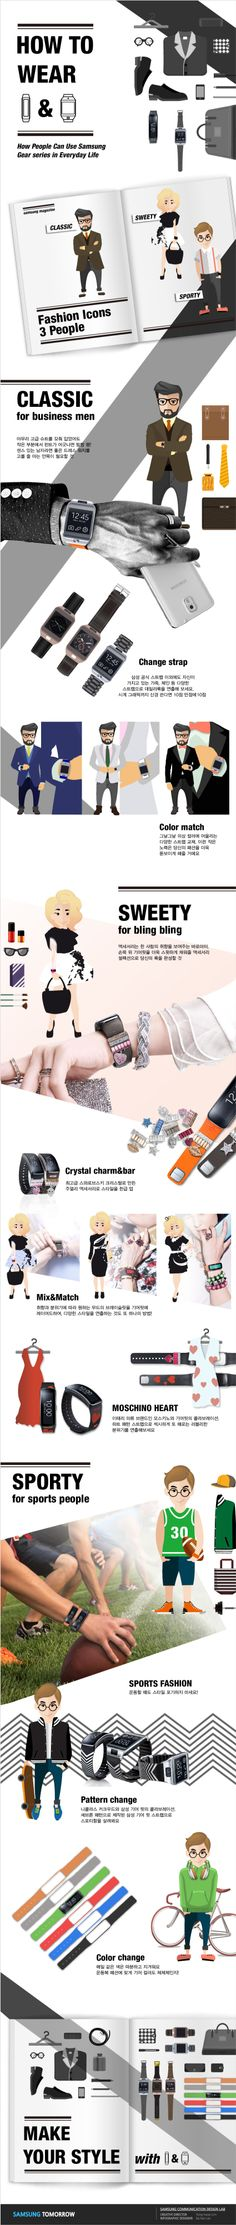 트렌드를 앞서가는 패션 피플들의 삼성 기어 스타일링 매뉴얼에 관한 인포그래픽